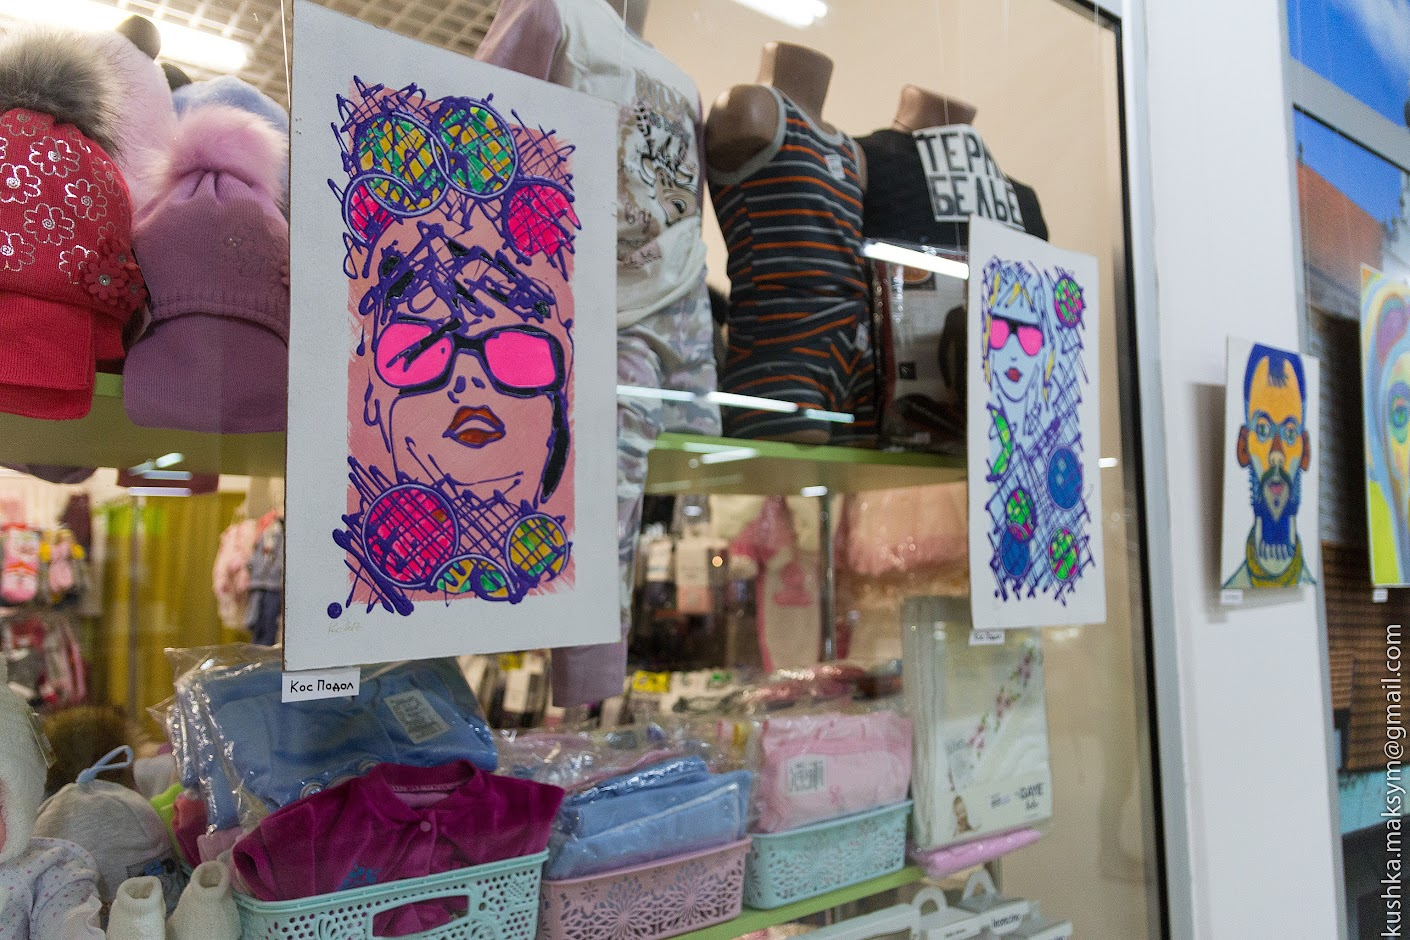 Синтез торгівлі і мистецтва: у ТЦ «Квартал» відбулась арт-імпреза з концертом та виставкою